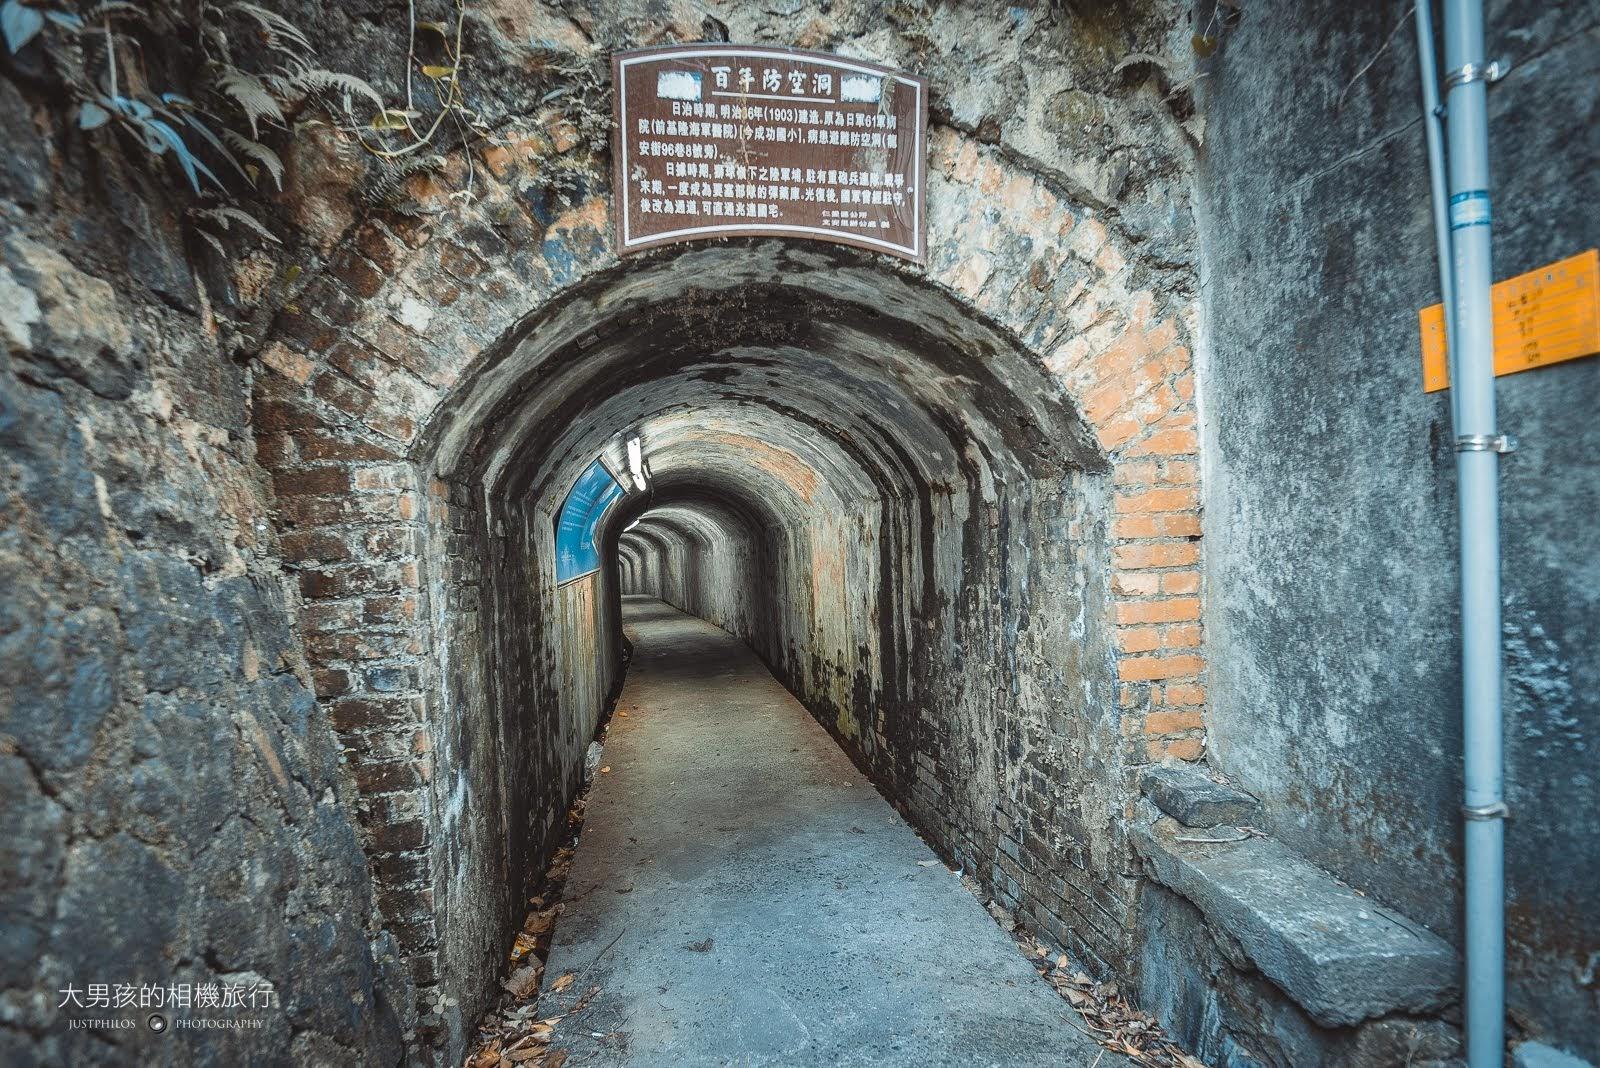 走進基隆百年防空洞內,彷彿走進歷史的軌跡中。